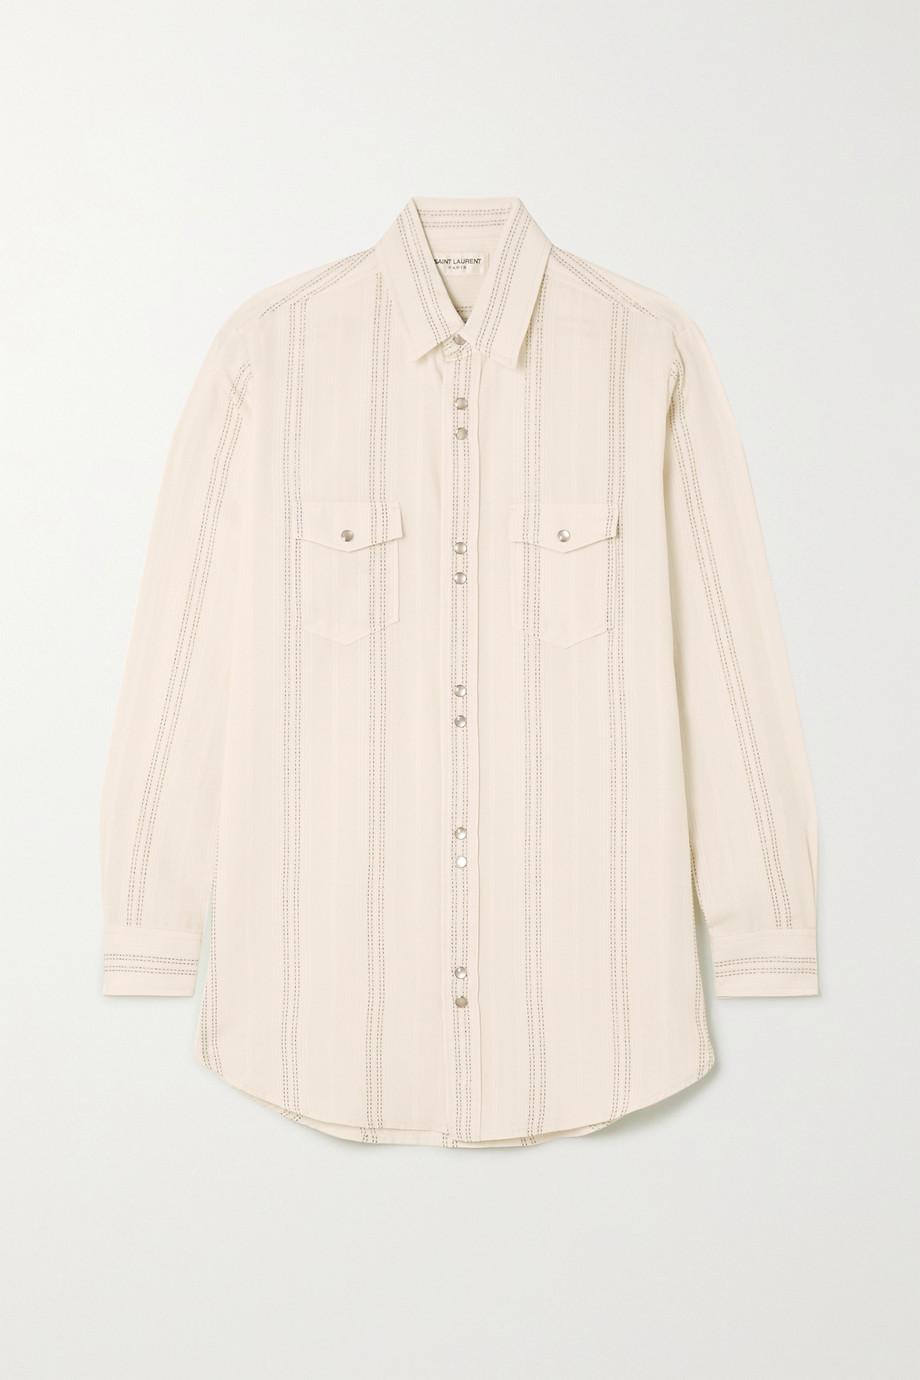 SAINT LAURENT Striped modal-blend shirt